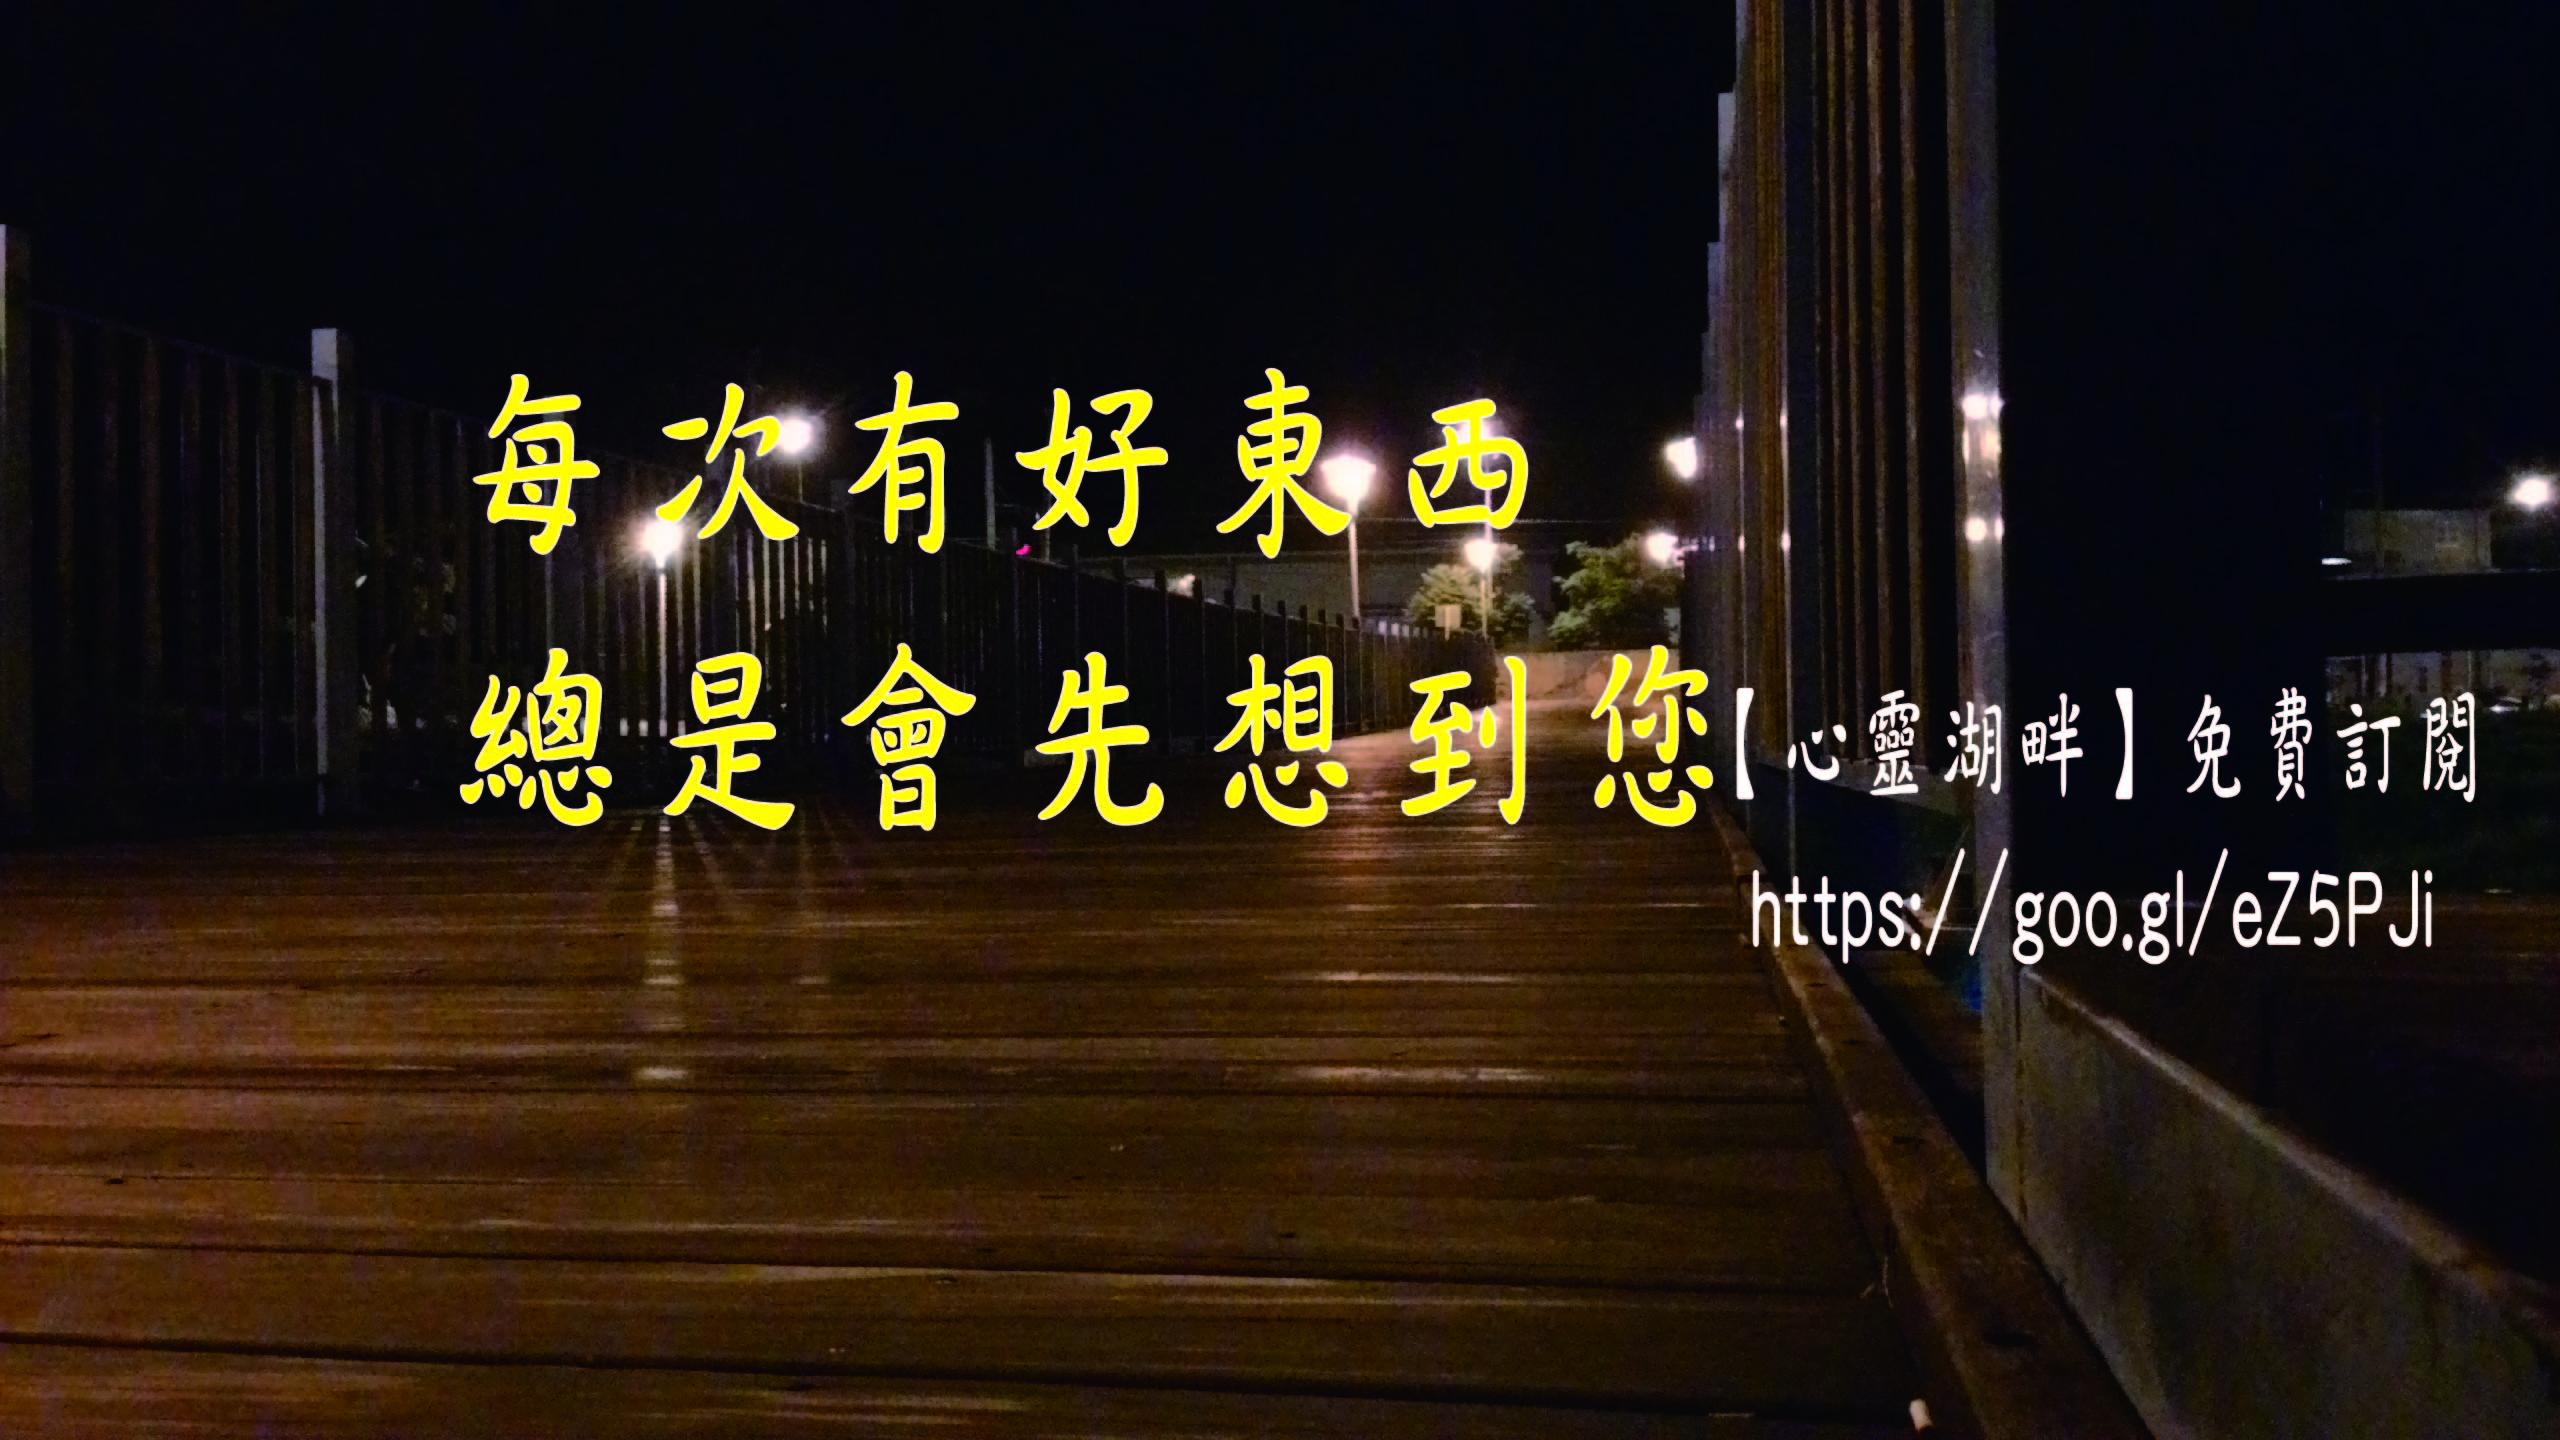 心靈木橋facebook社團